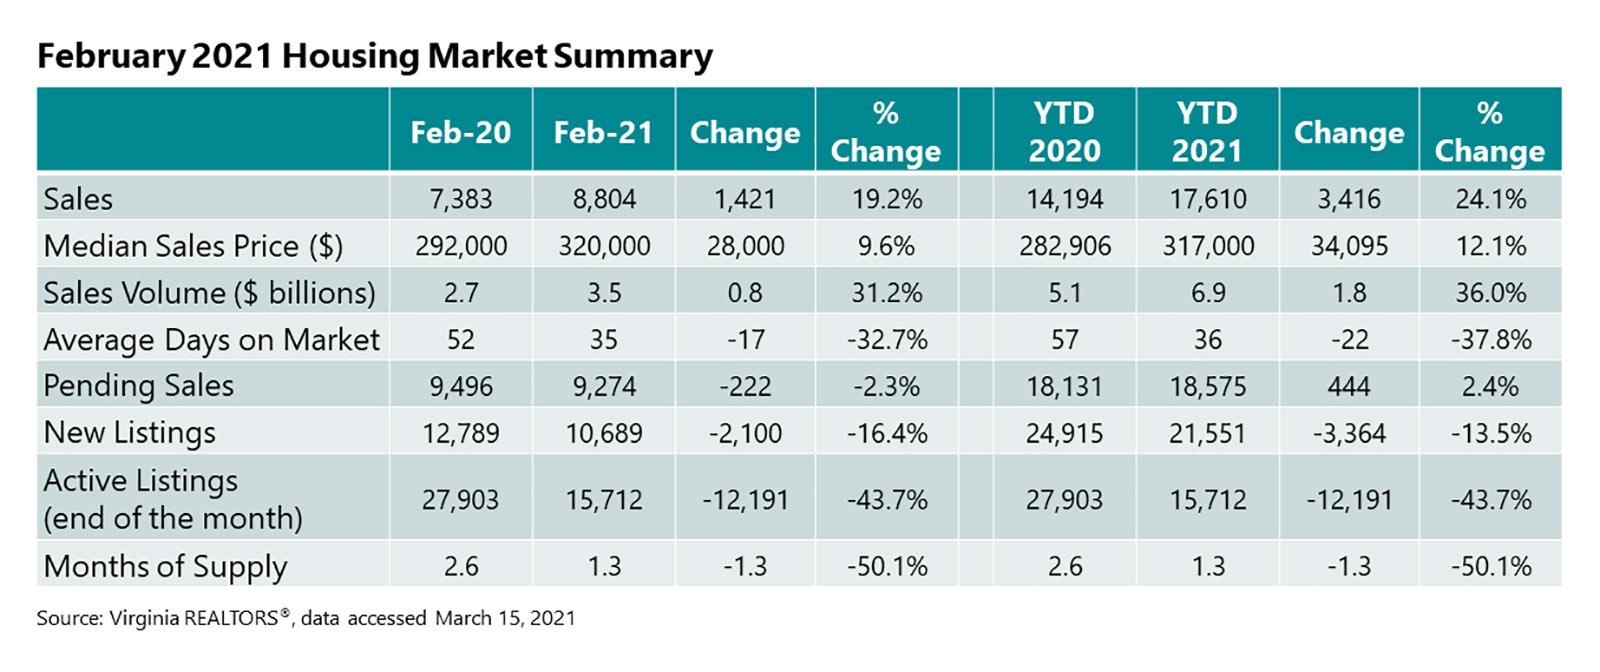 February 2021 Summary Table